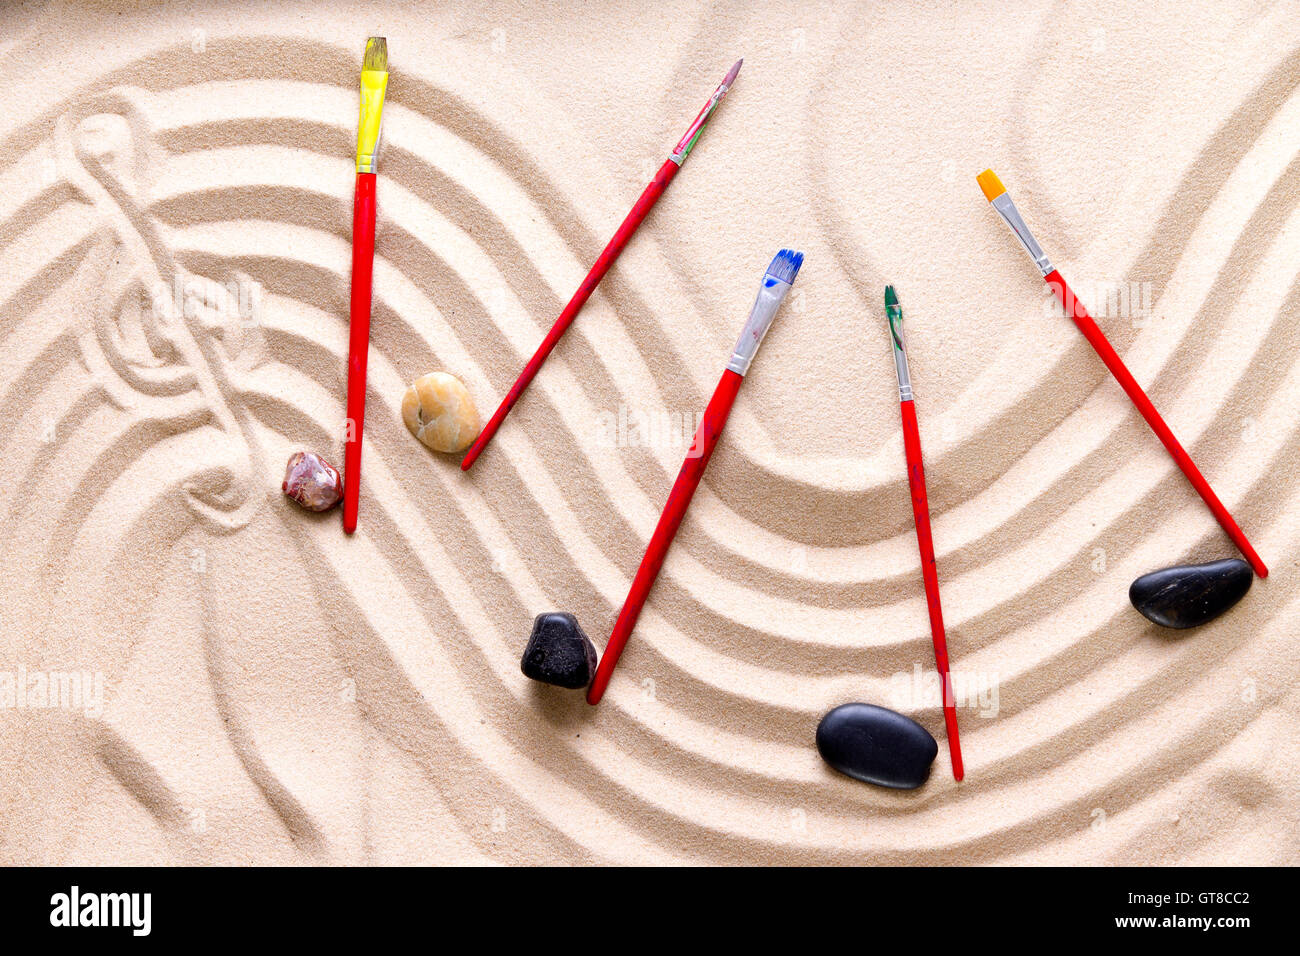 L'harmonie et la musique à la plage avec une image artistique d'un score ondulées dessiné Photo Stock